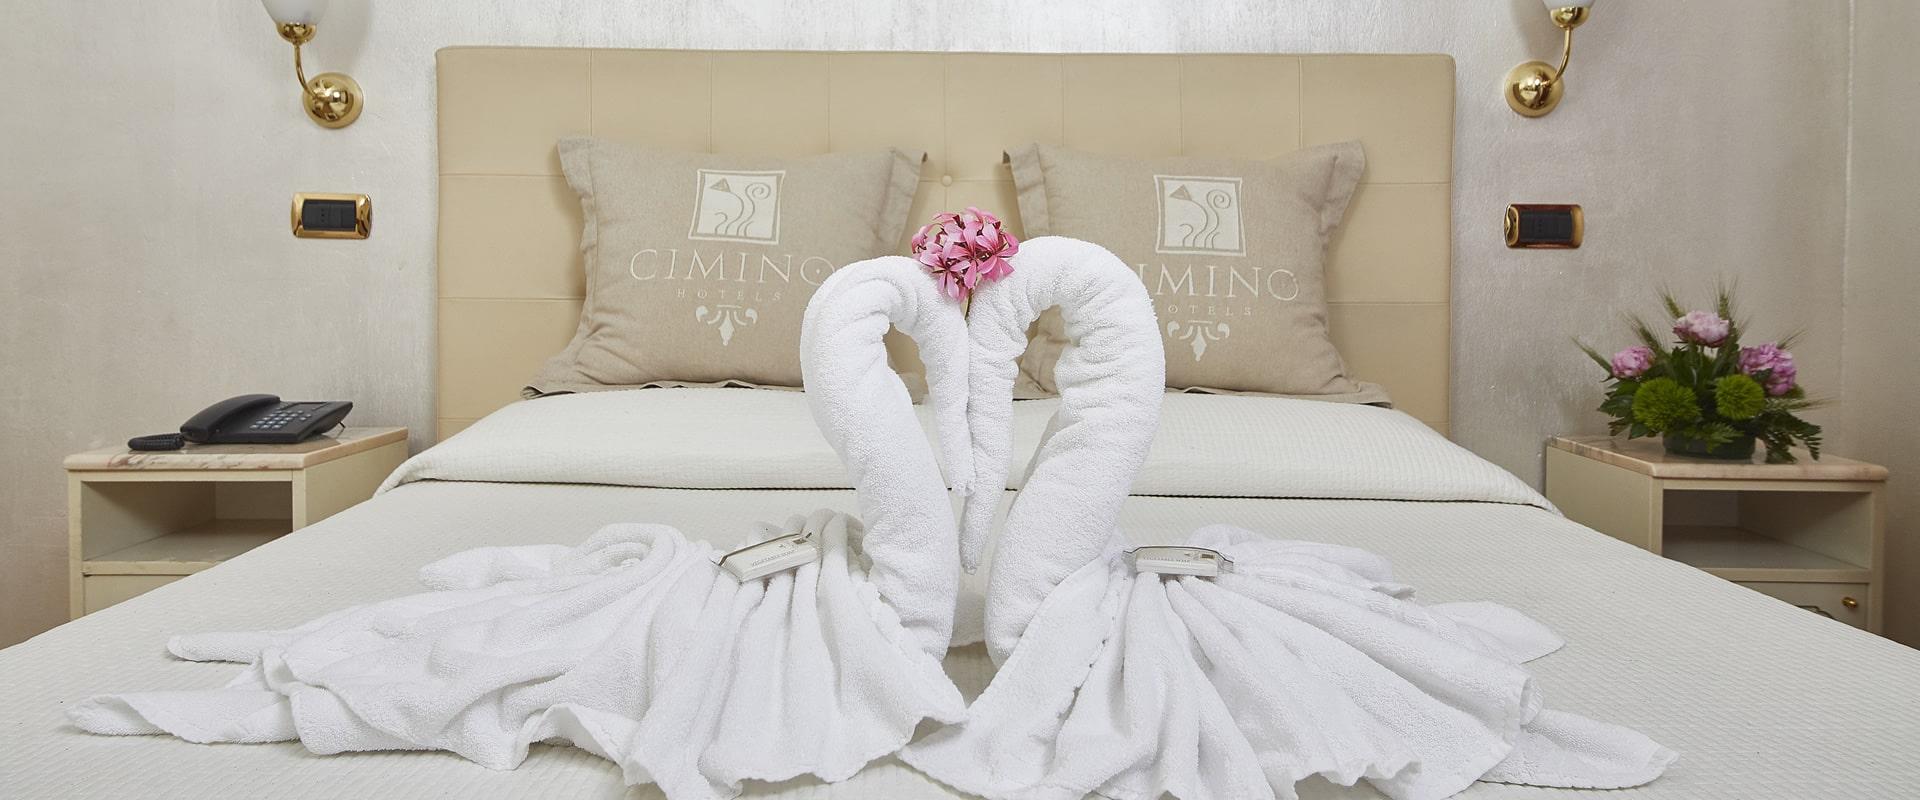 Camera matrimoniale Hotel Vienna Ostenda 4 stelle